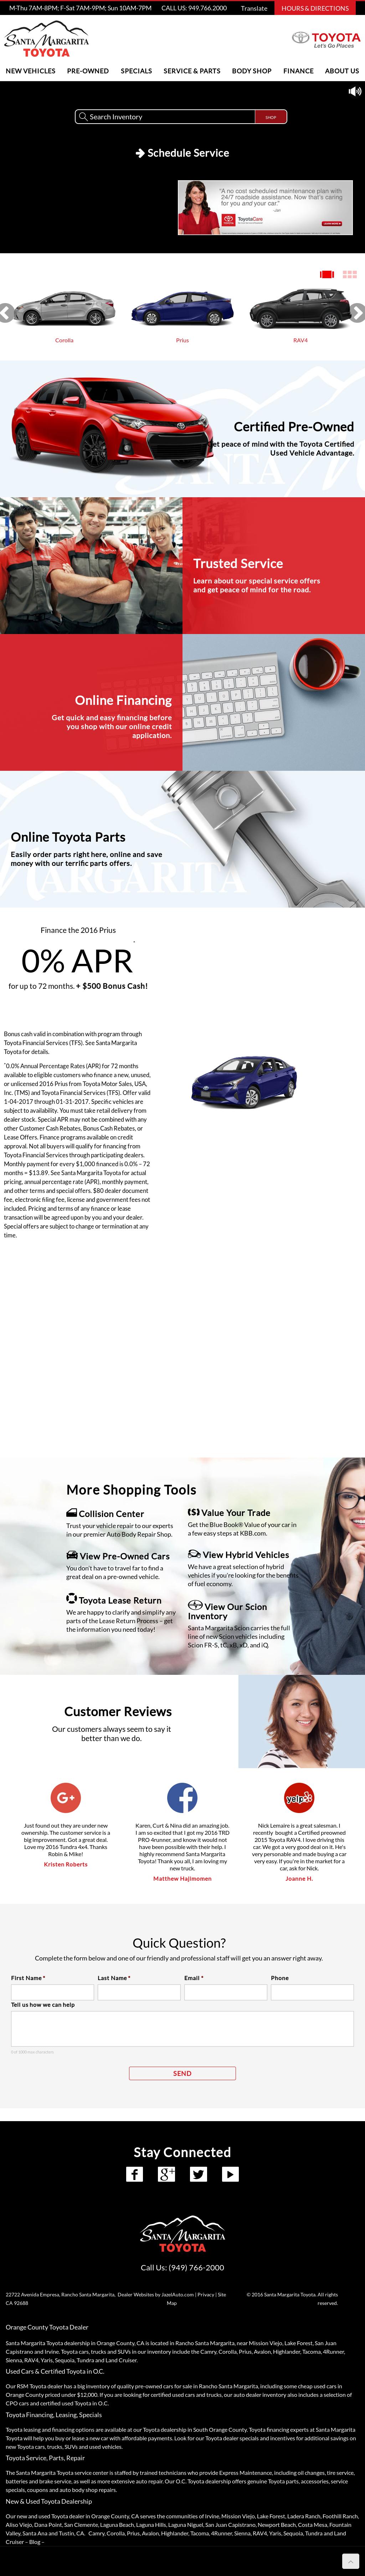 Penske Toyota Scion Of Rancho Santa Margarita Competitors, Revenue And  Employees   Owler Company Profile